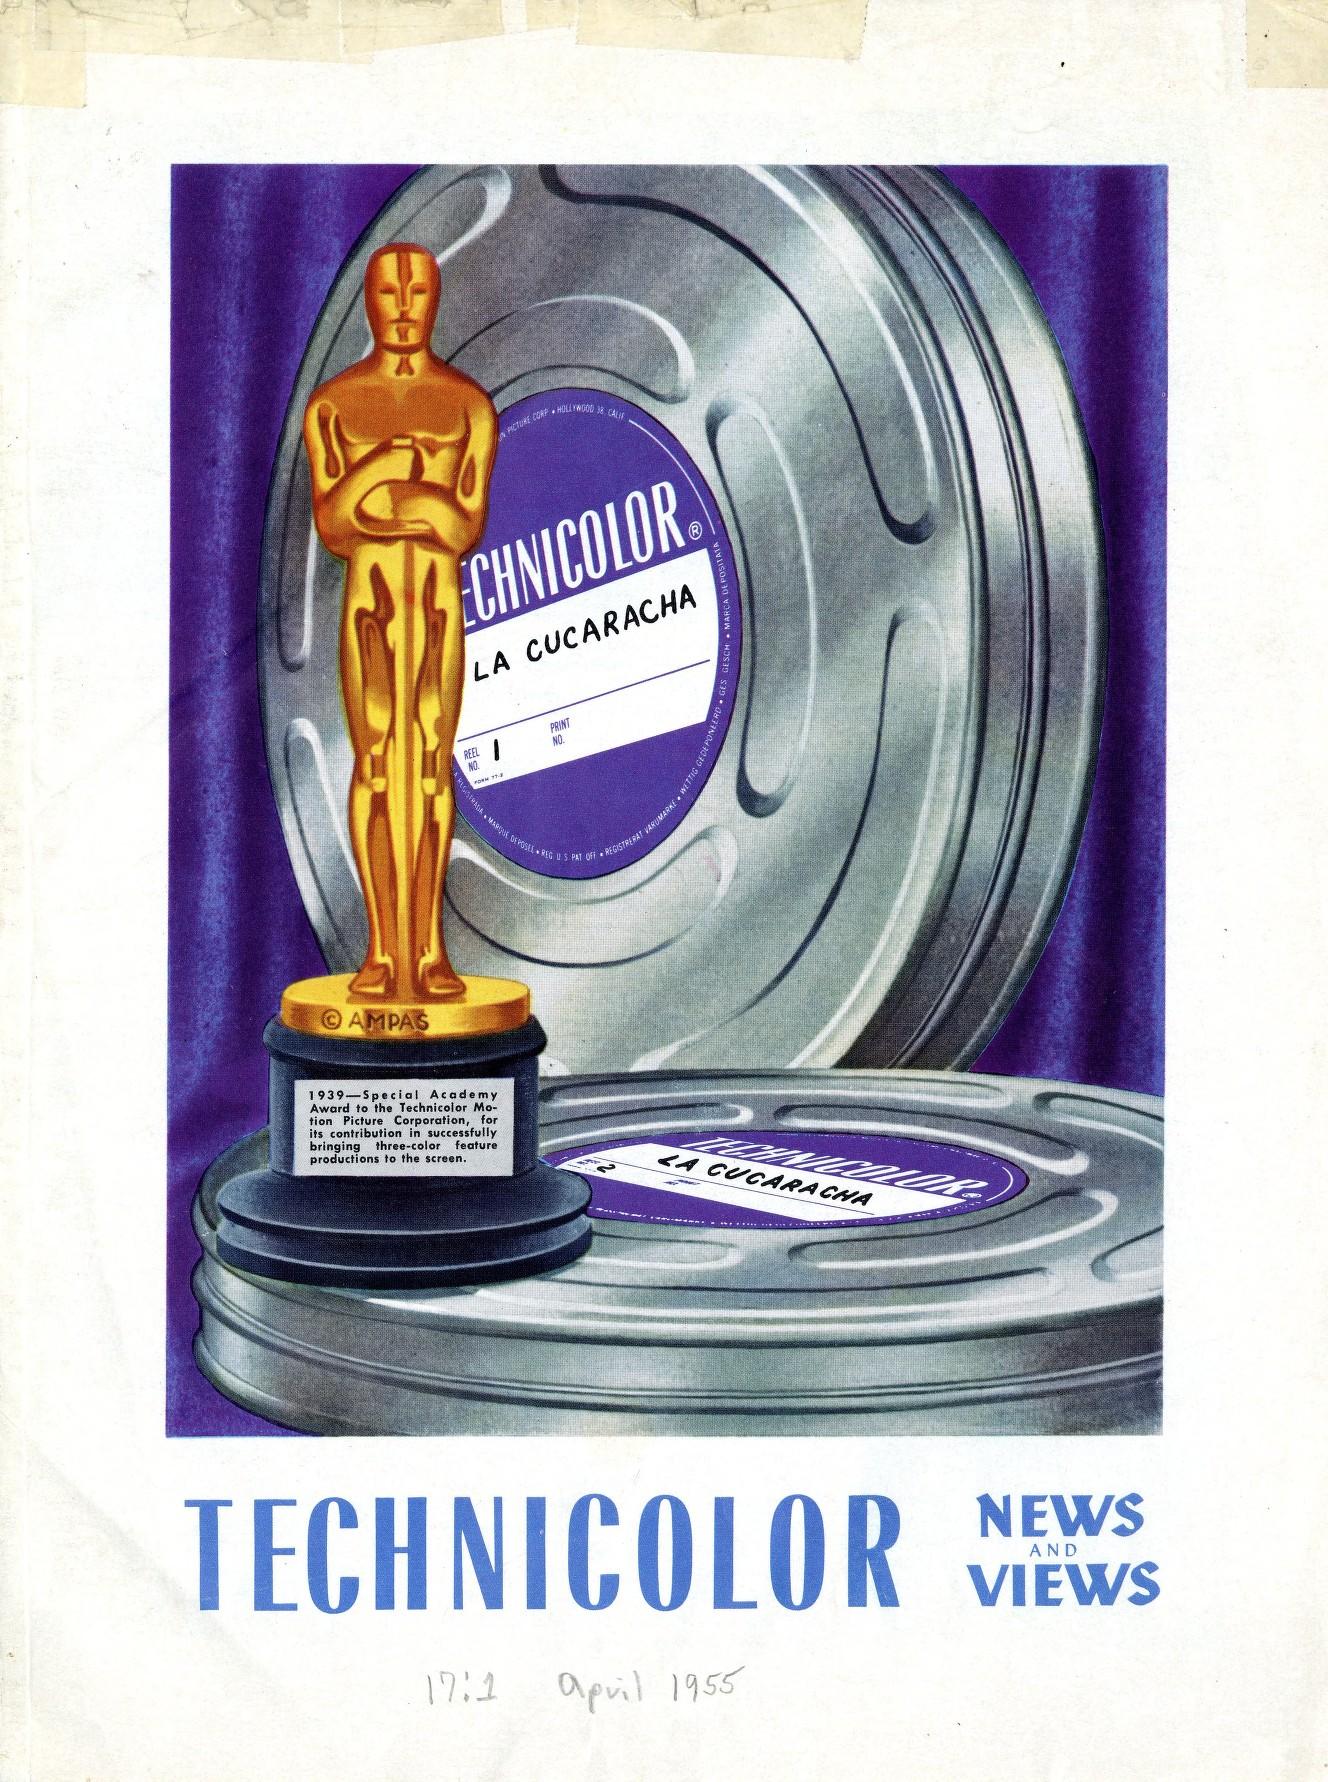 Technewsviews1955-04_jp2.zip&file=technewsviews1955-04_jp2%2ftechnewsviews1955-04_0000